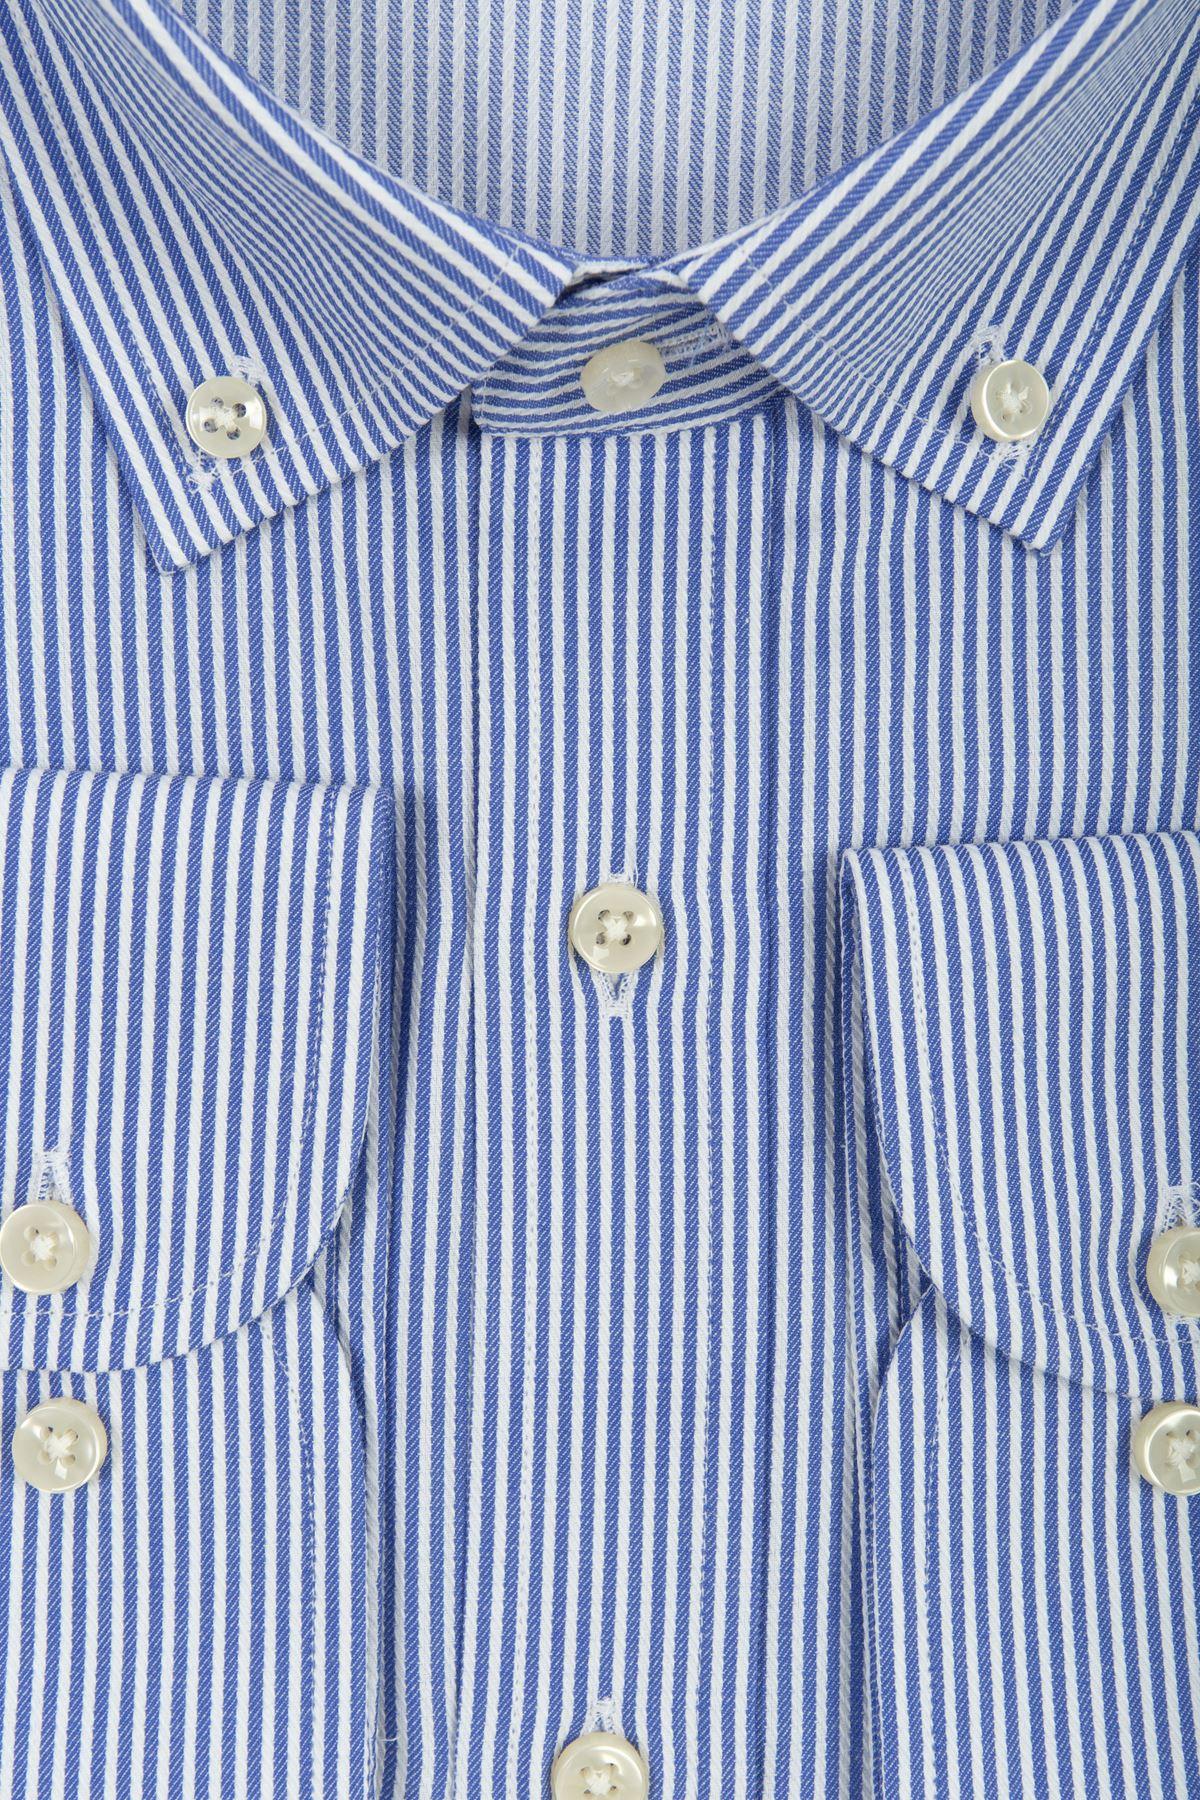 Beyaz Çizgili Lacivert Gömlek